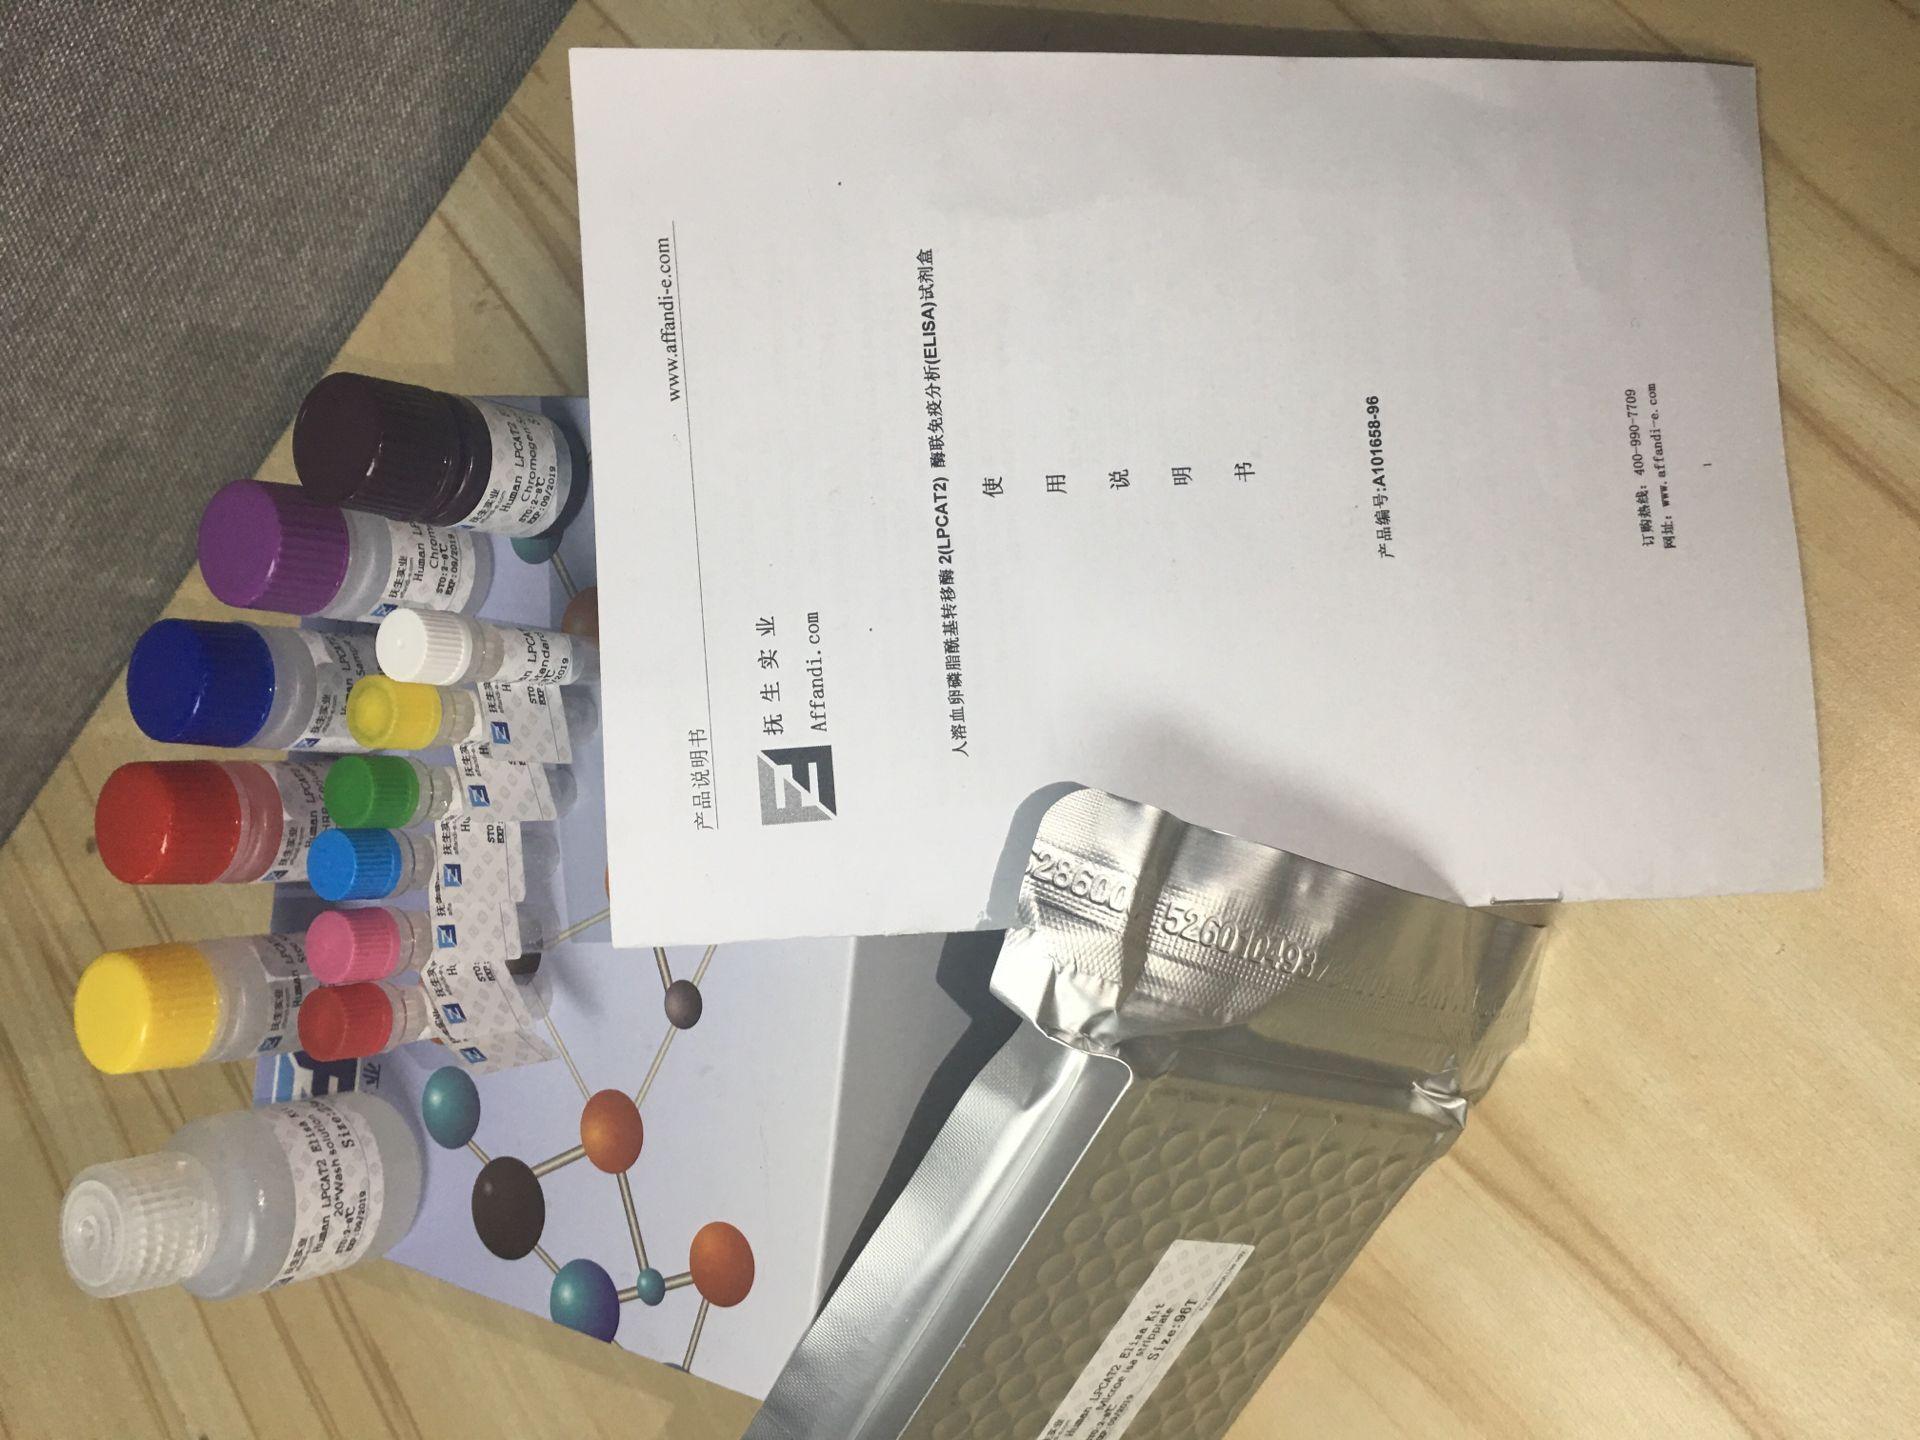 流行热病毒抗体检测试剂盒